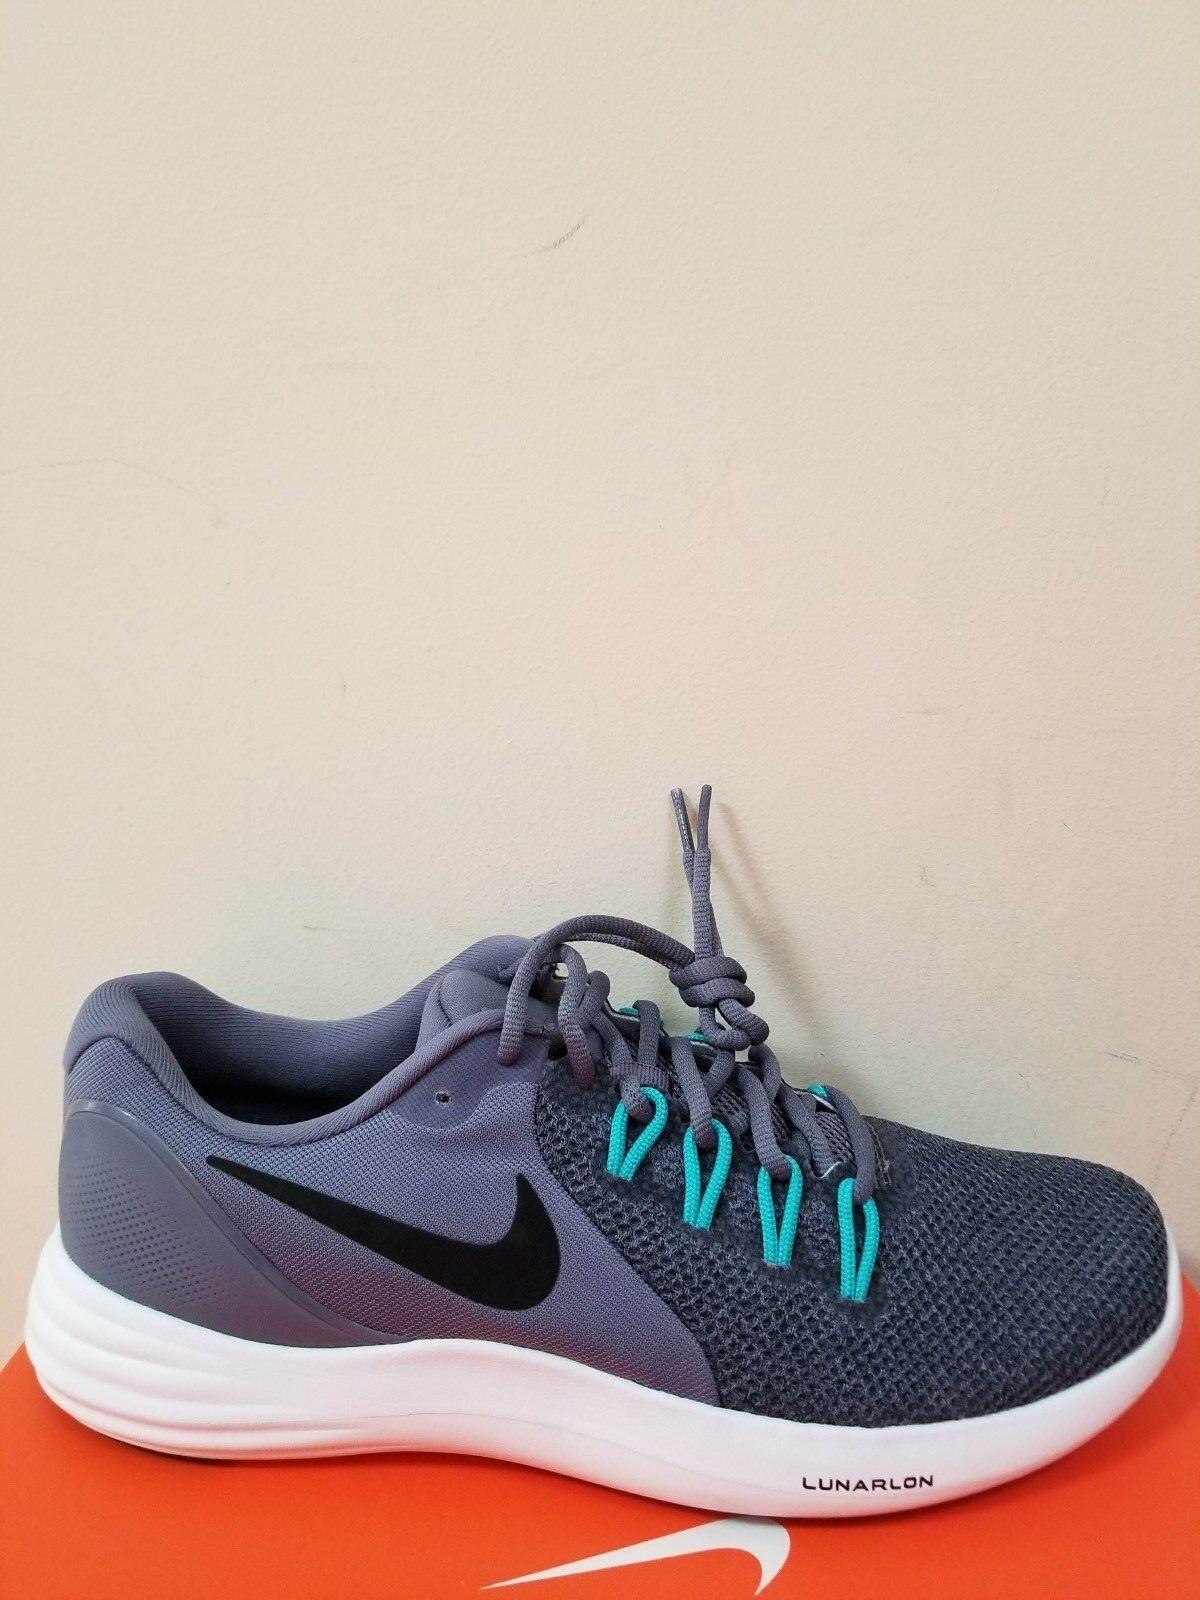 Nike Hombre Lunar Claro Zapatillas Zapatillas Zapatillas para Correr Talla 11Nuevo en Caja  nueva marca